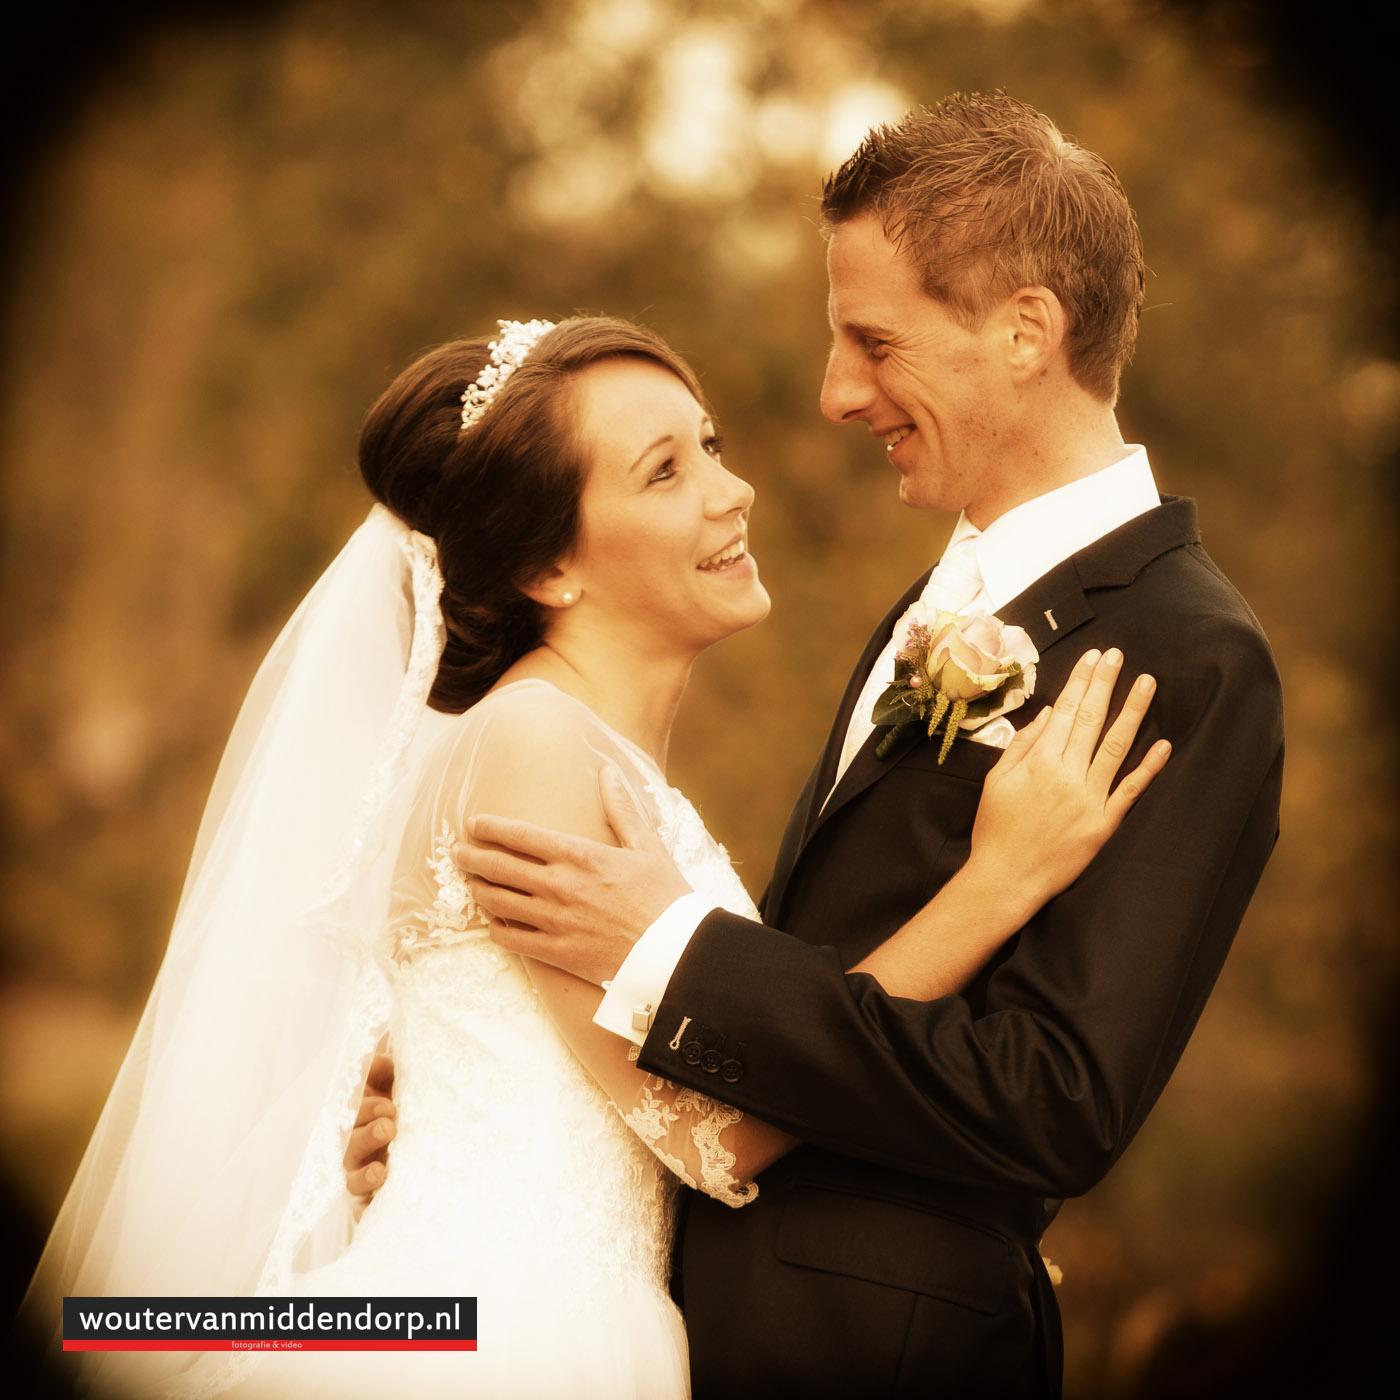 bruidsfotografie-wouter-van-middendorp-uddel-15